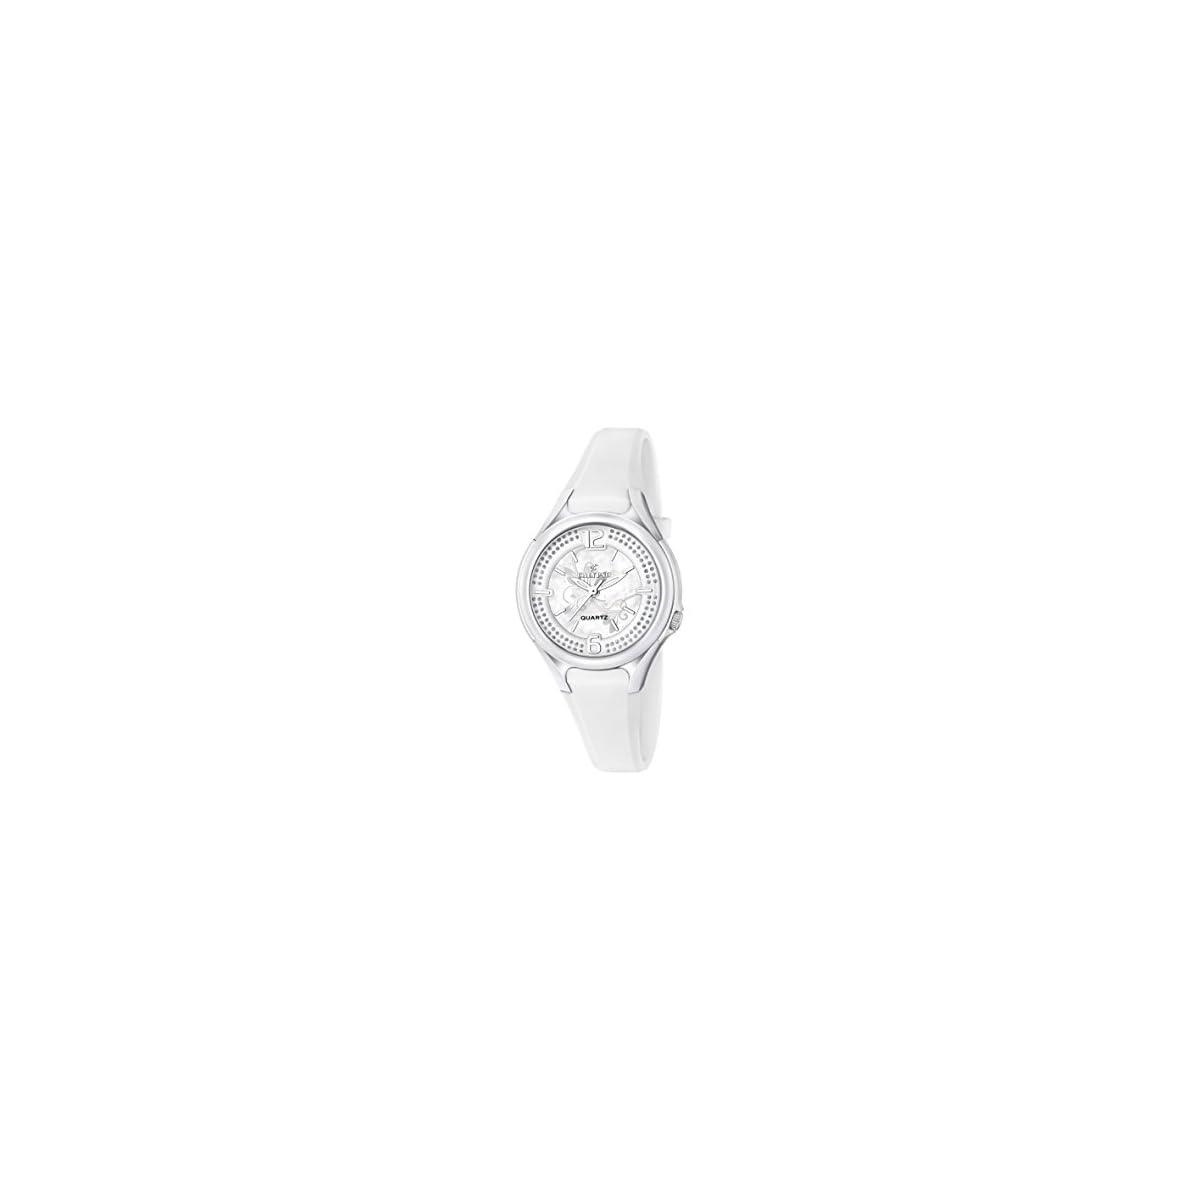 31F6dyvAtnL. SS1200  - Calypso-Reloj de Cuarzo para Mujer con Correa de plástico de Plata Esfera analógica Pantalla y Blanco k5575/1